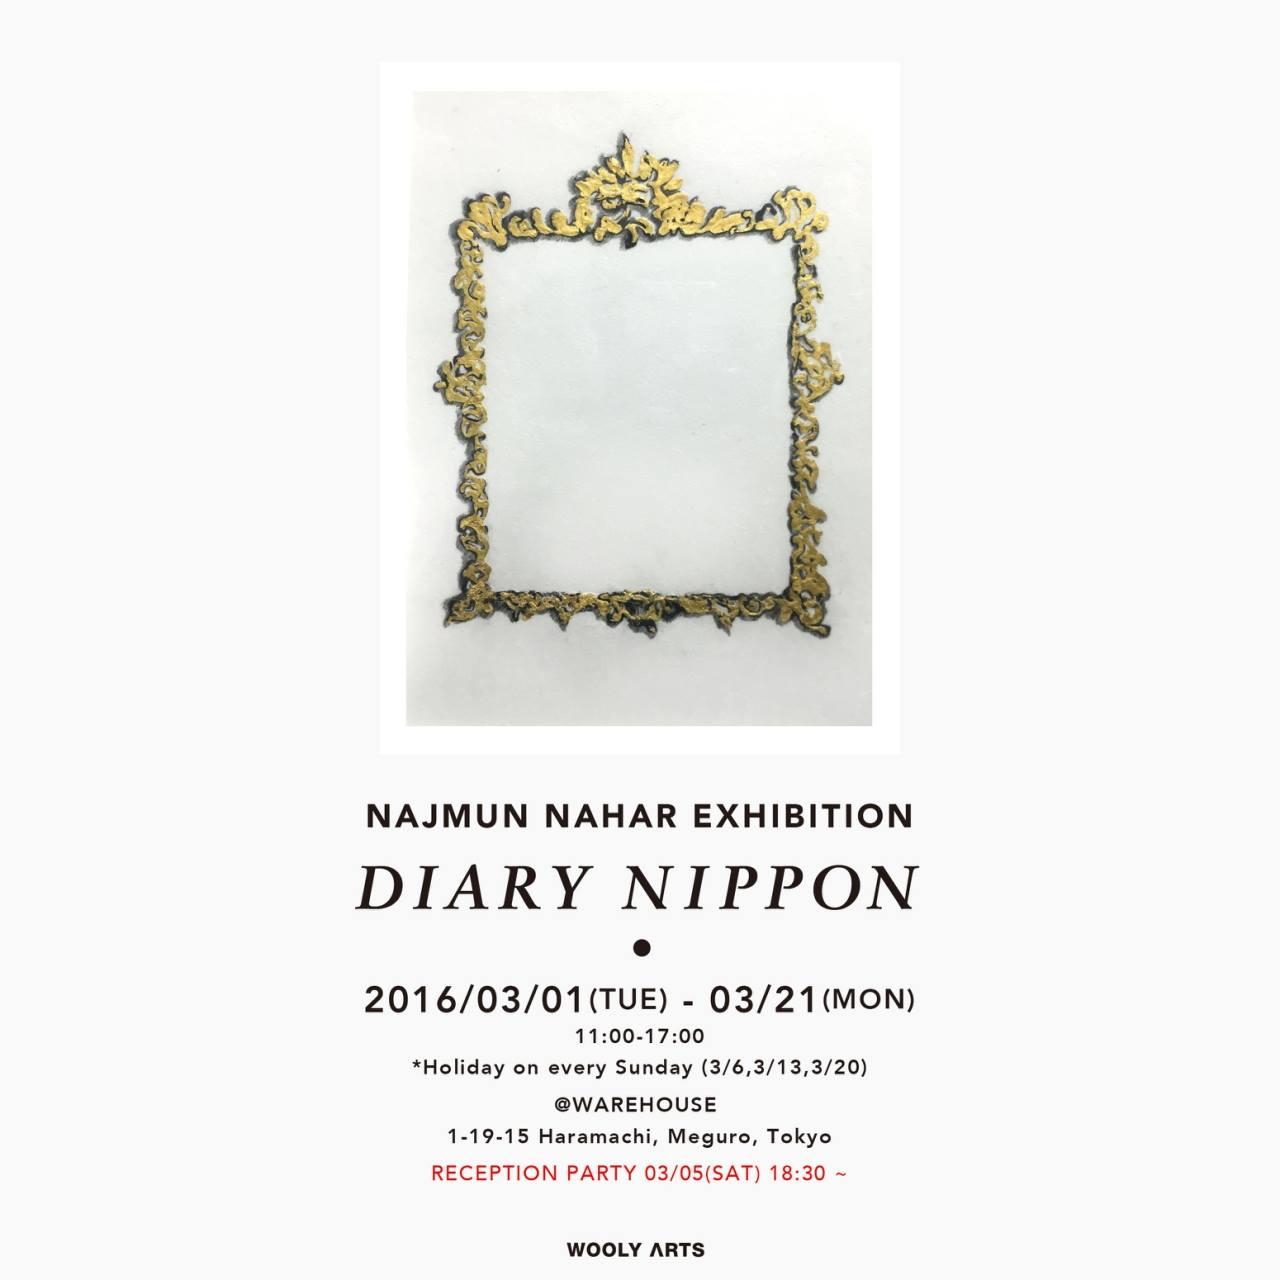 """バングラデシュ×東京 """"DIALYNIPPON"""" by NAJMUN NAHAR 【今週のおすすめアート】"""